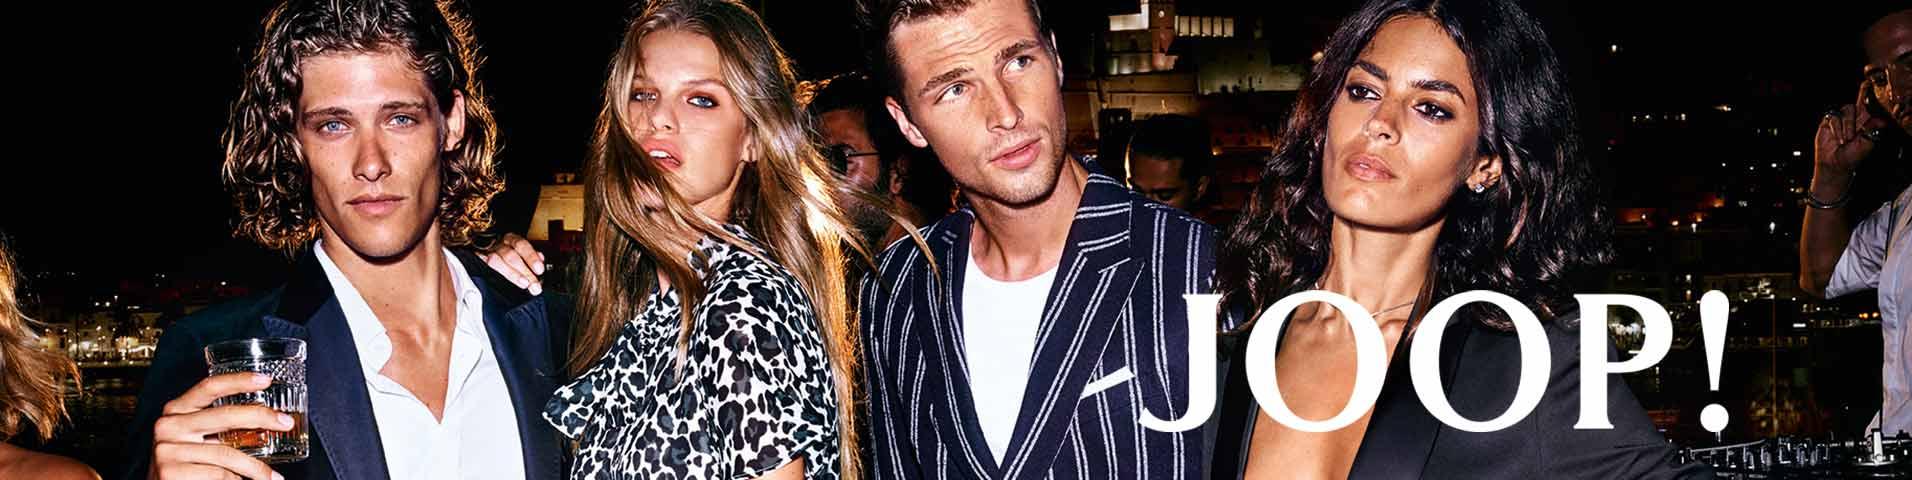 Salomon Outlet bei Zalando | Günstige Fashion im Sale bei